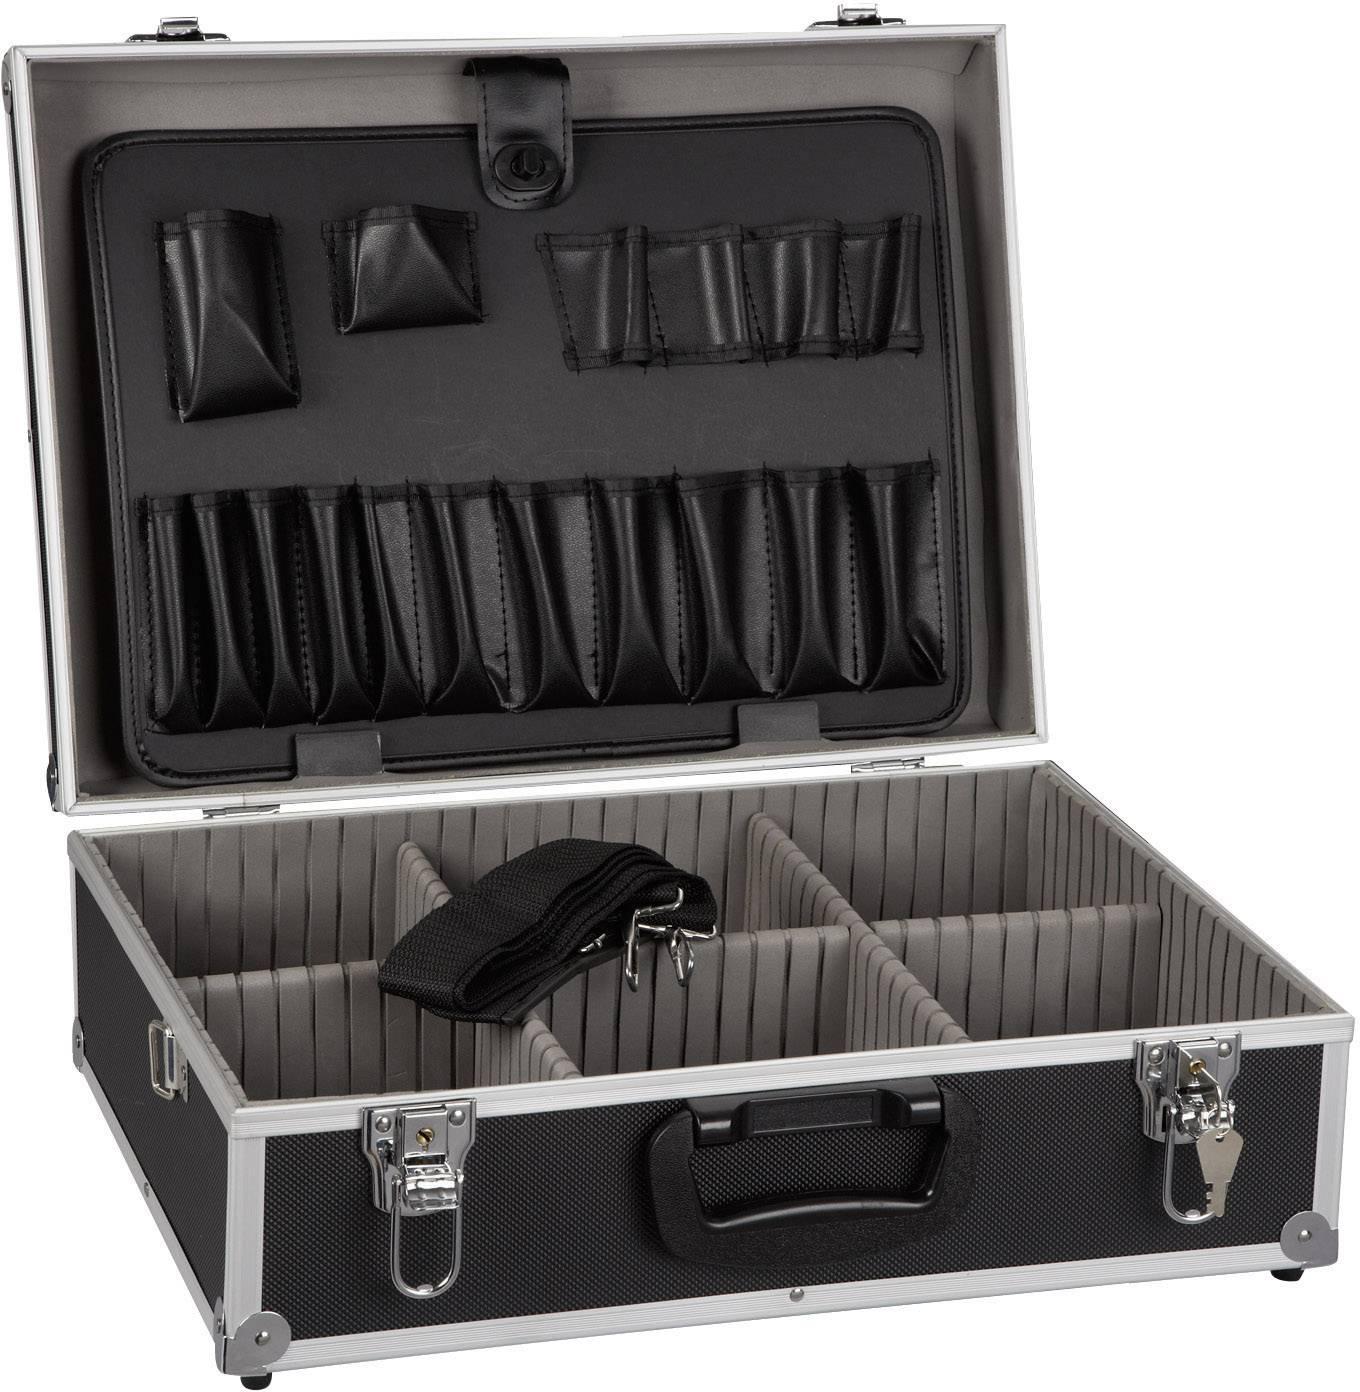 Hliníkový kufr na nářadí Alutec 61200, 460 x 335 x 155 mm